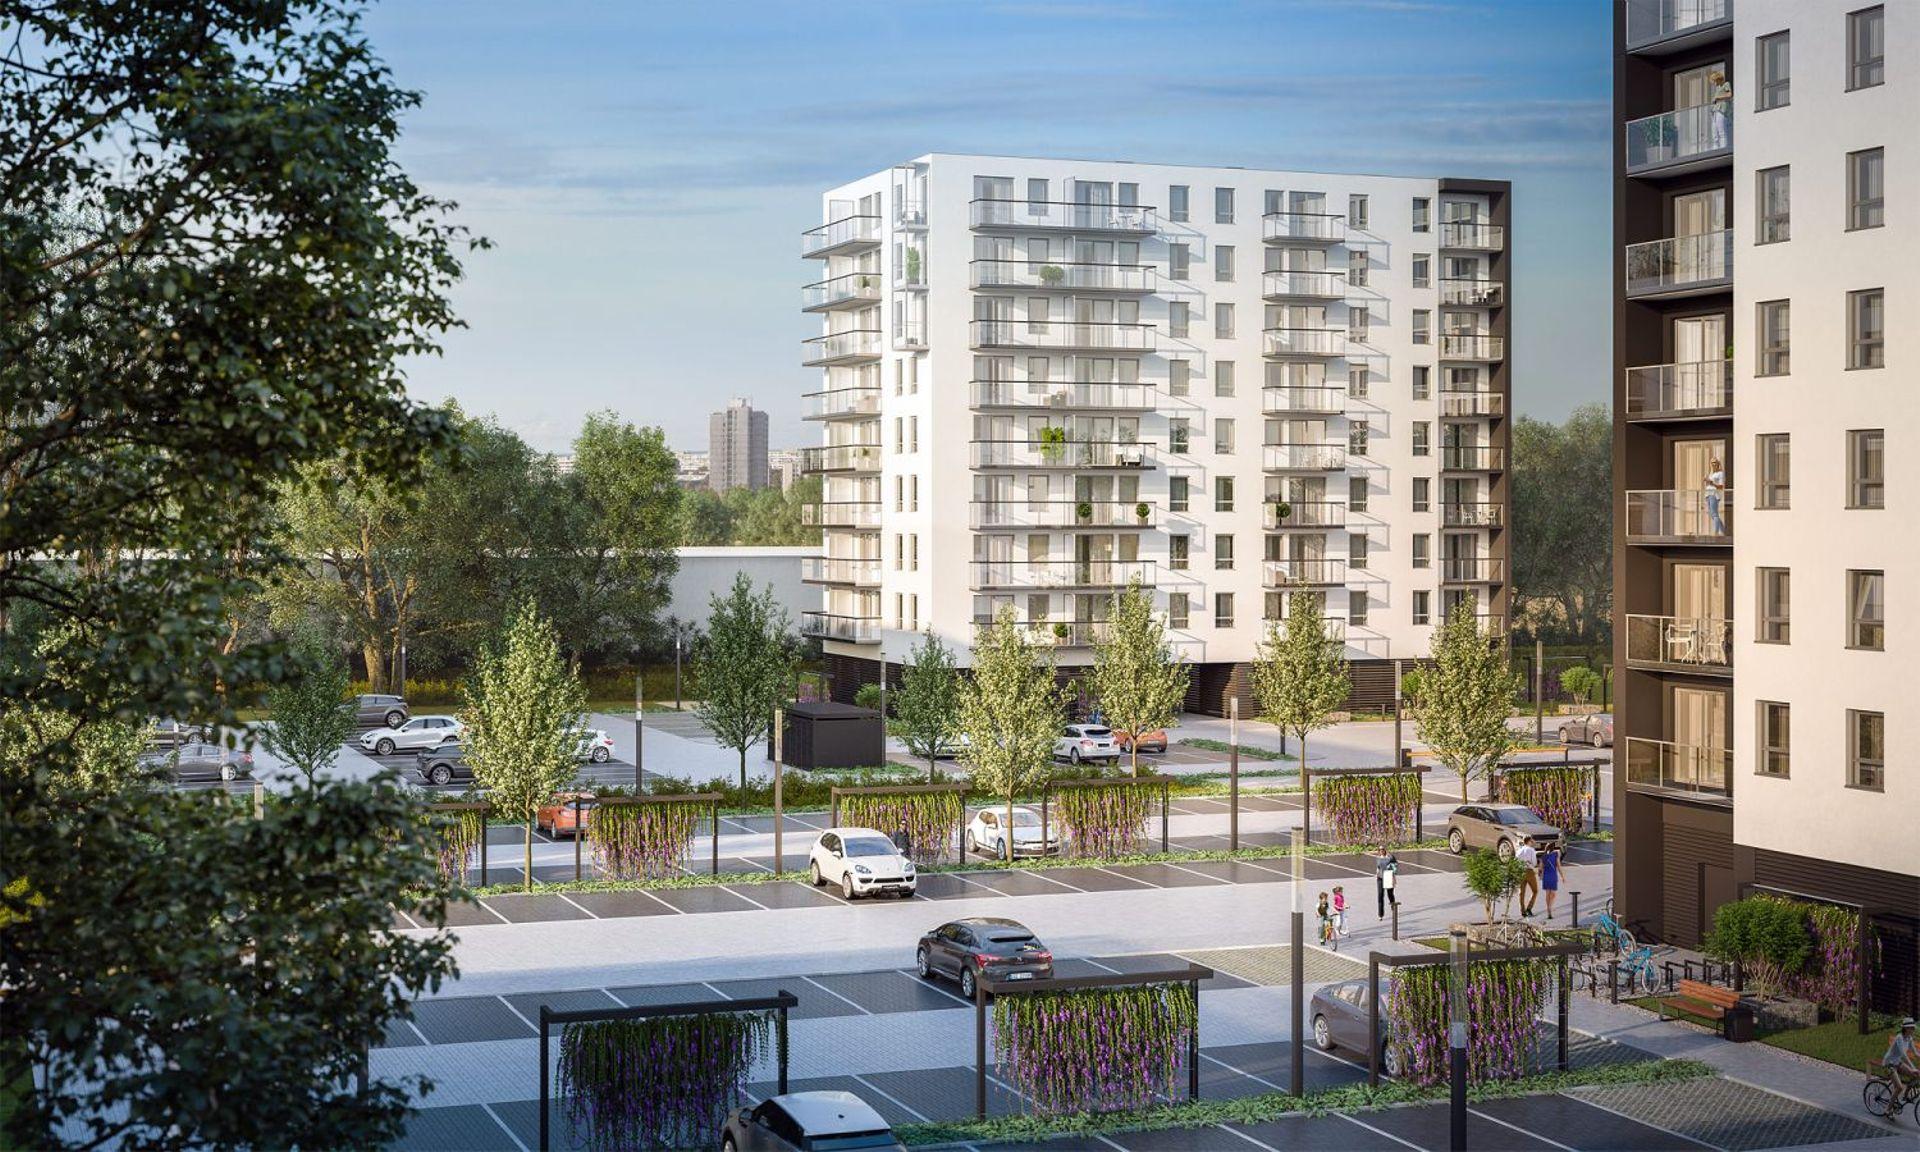 [Gdańsk] 75 procent mieszkań na osiedlu Kwartał Uniwersytecki III w Gdańsku sprzedanych